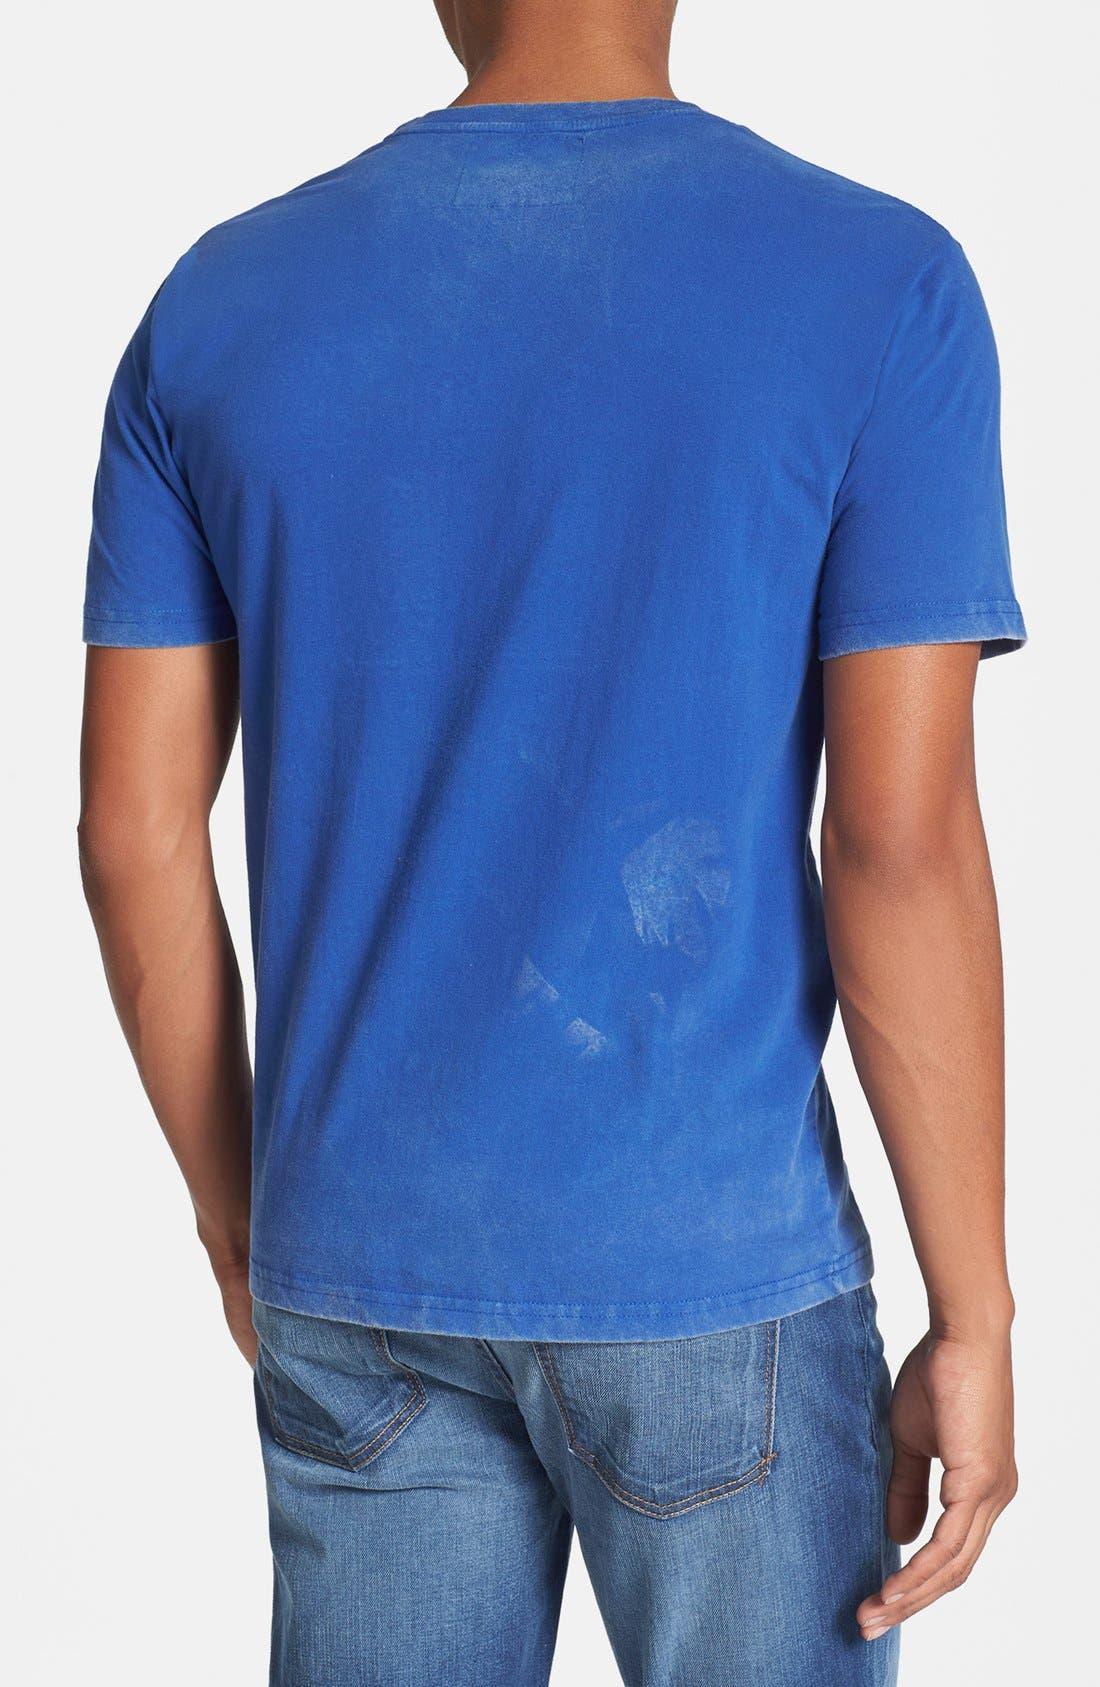 Alternate Image 2  - Red Jacket 'Deadringer - New York Rangers' T-Shirt